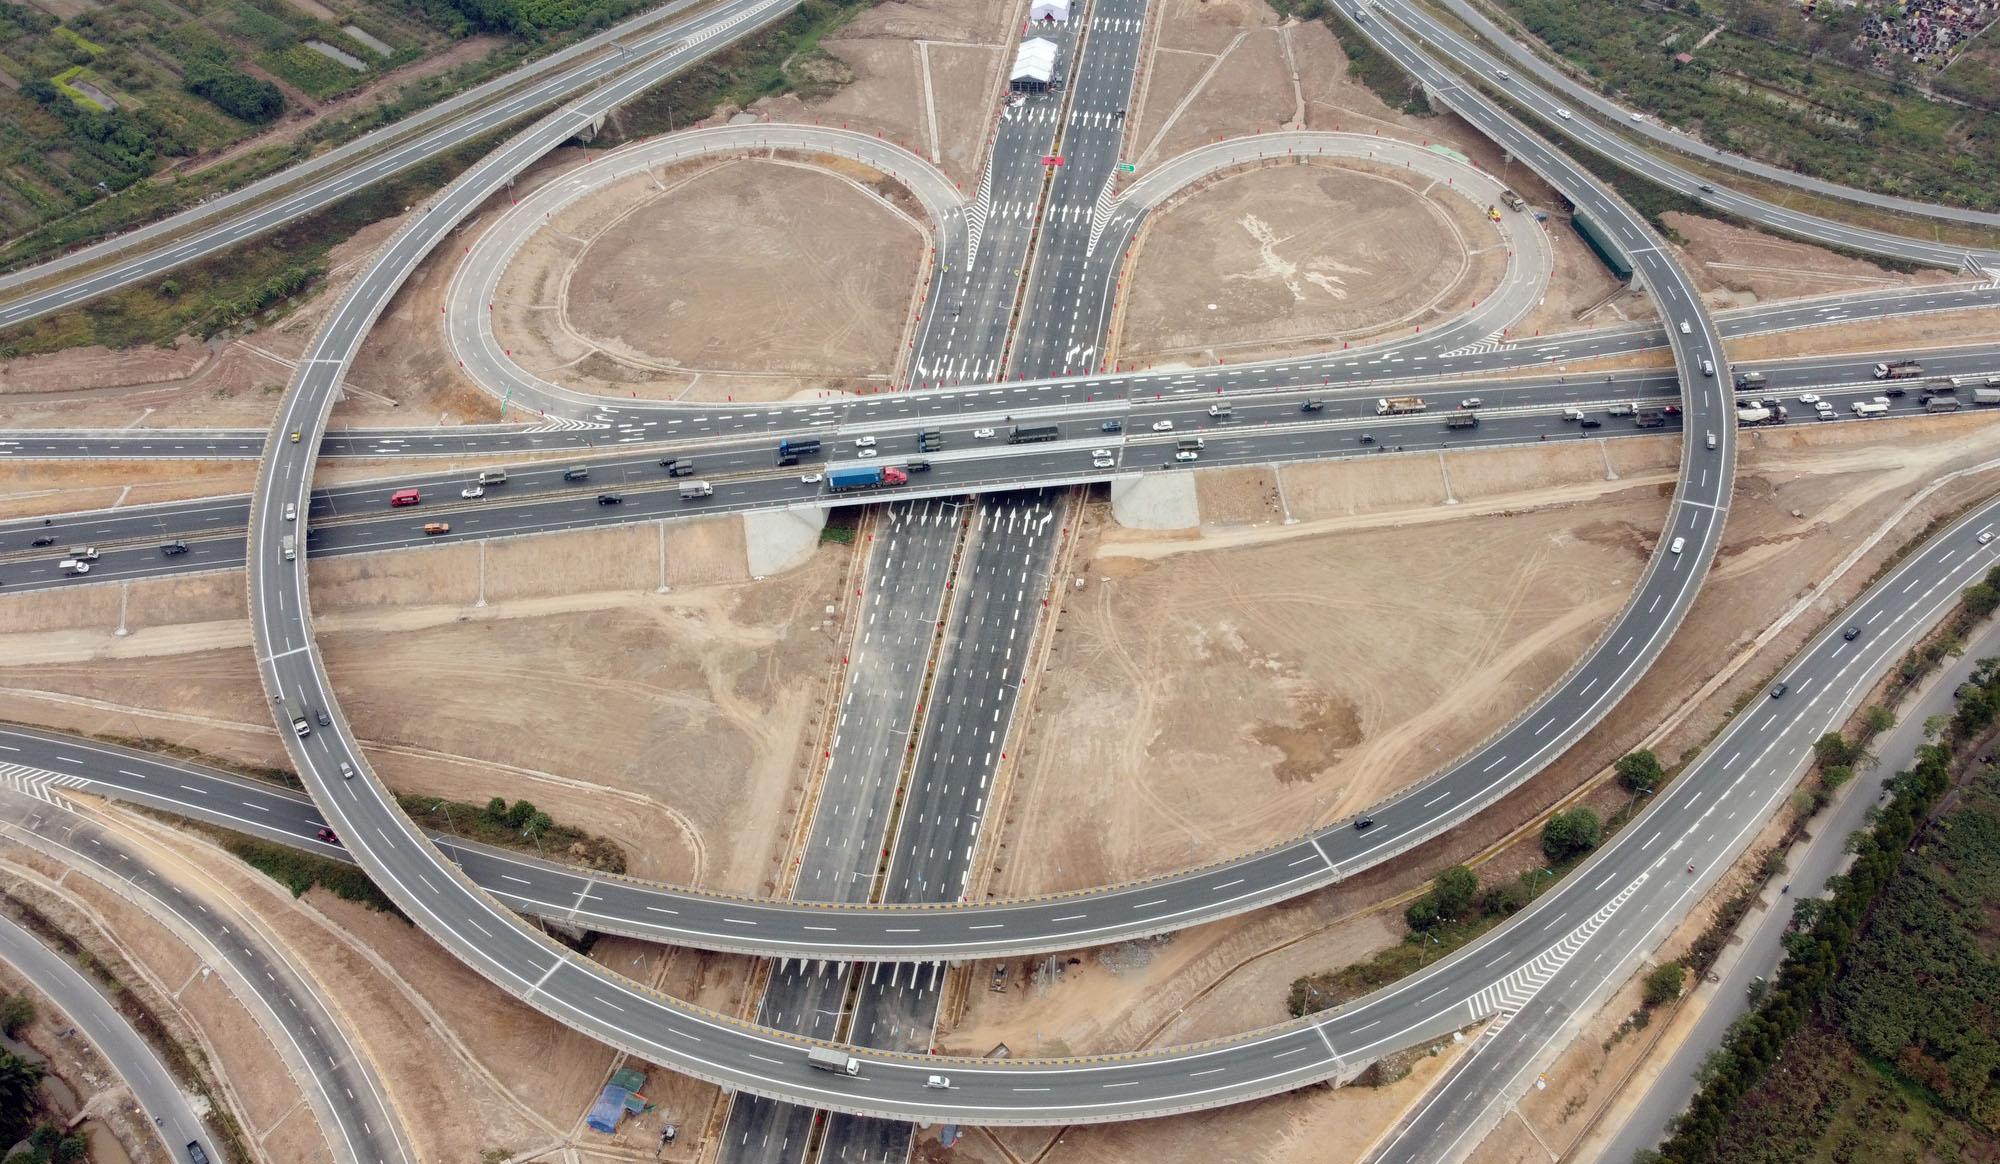 Cận cảnh nút giao đường Vành đai 3 với cao tốc Hà Nội - Hải Phòng trị giá 400 tỷ đồng - Ảnh 13.